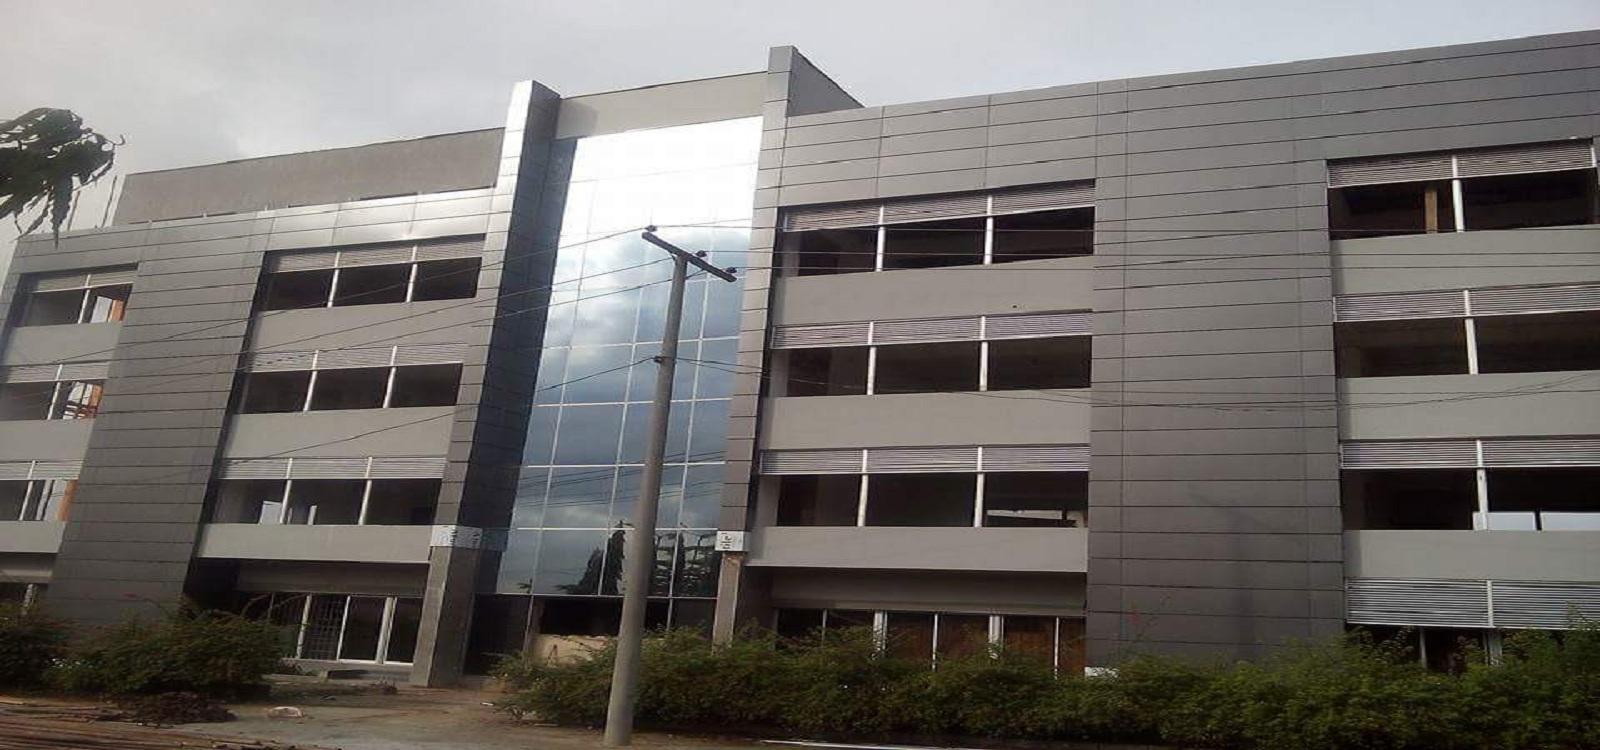 AUZ Properties Limited